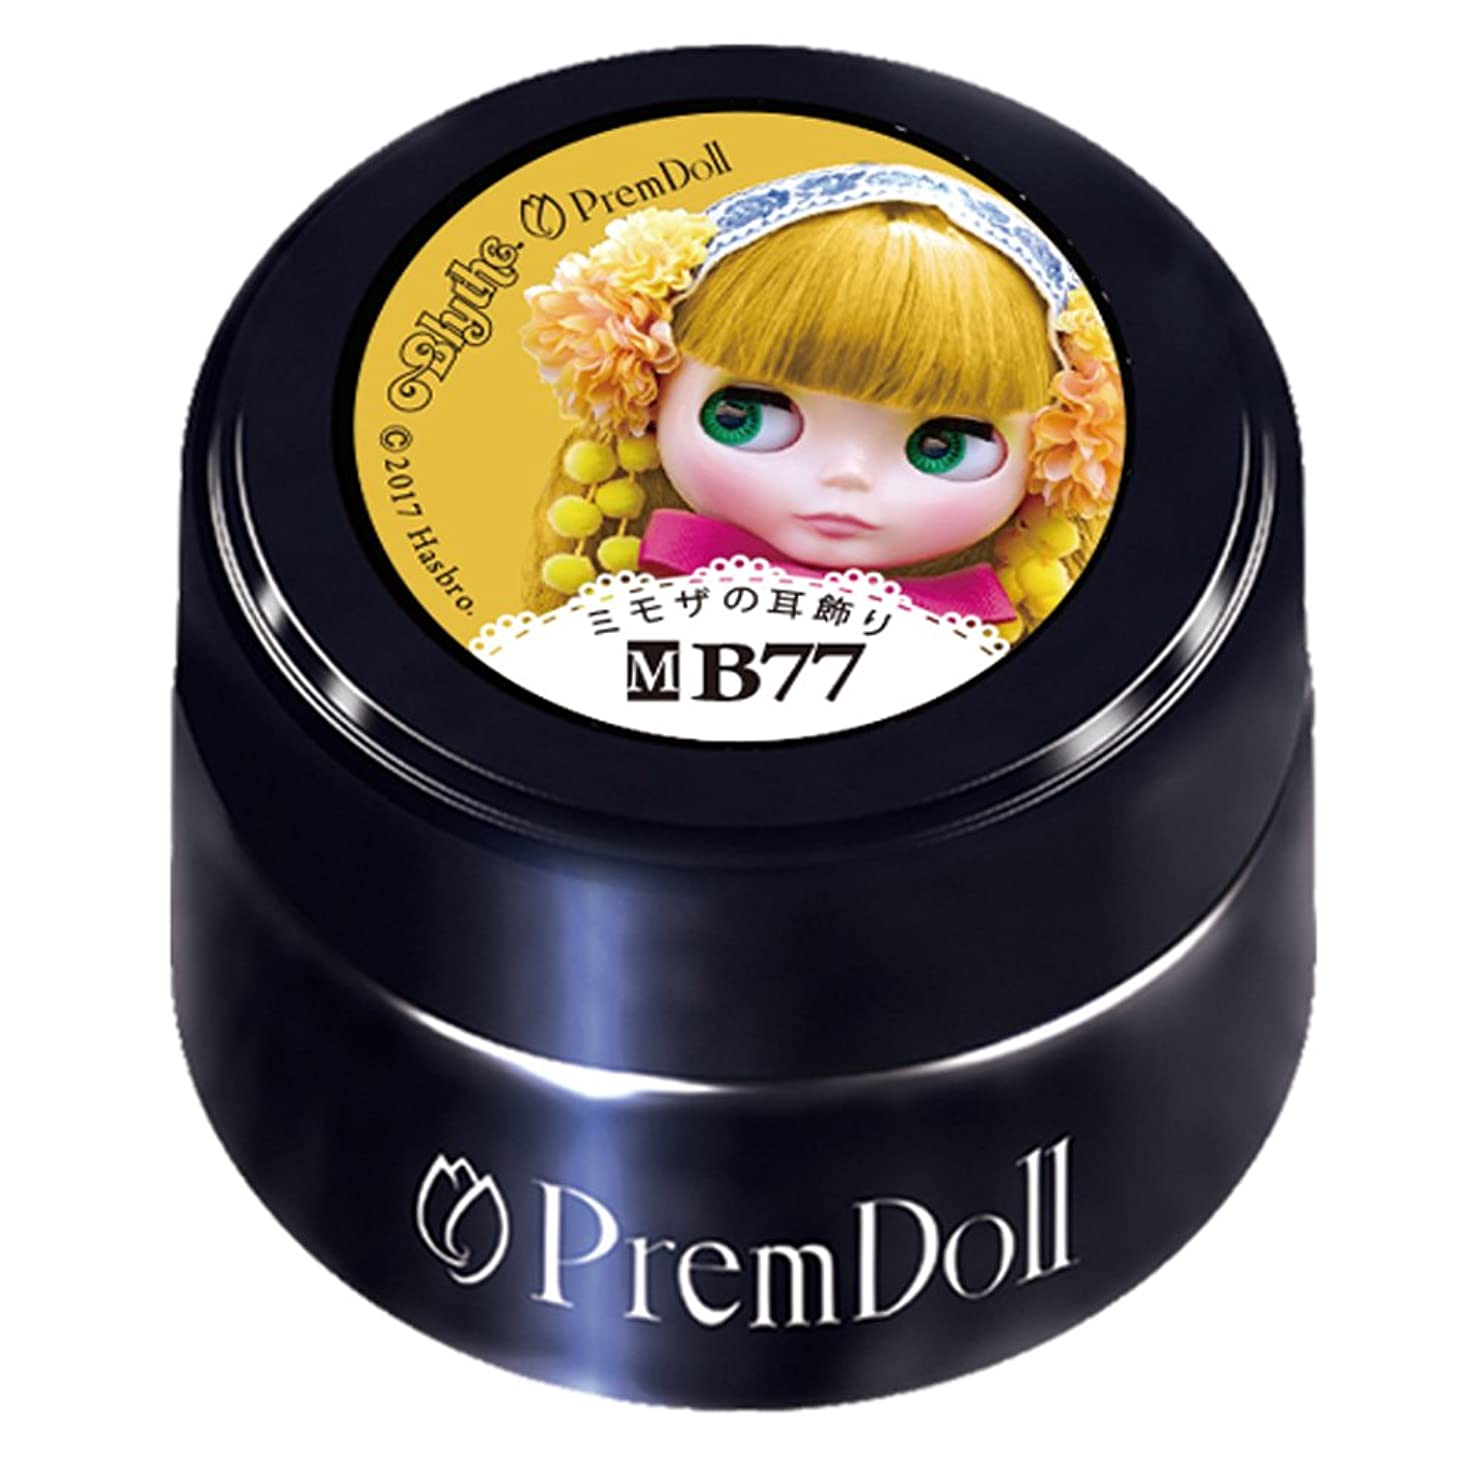 拷問関税乳製品PRE GEL プリムドール ミモザの首飾り DOLL-B77 3g UV/LED対応 カラージェル